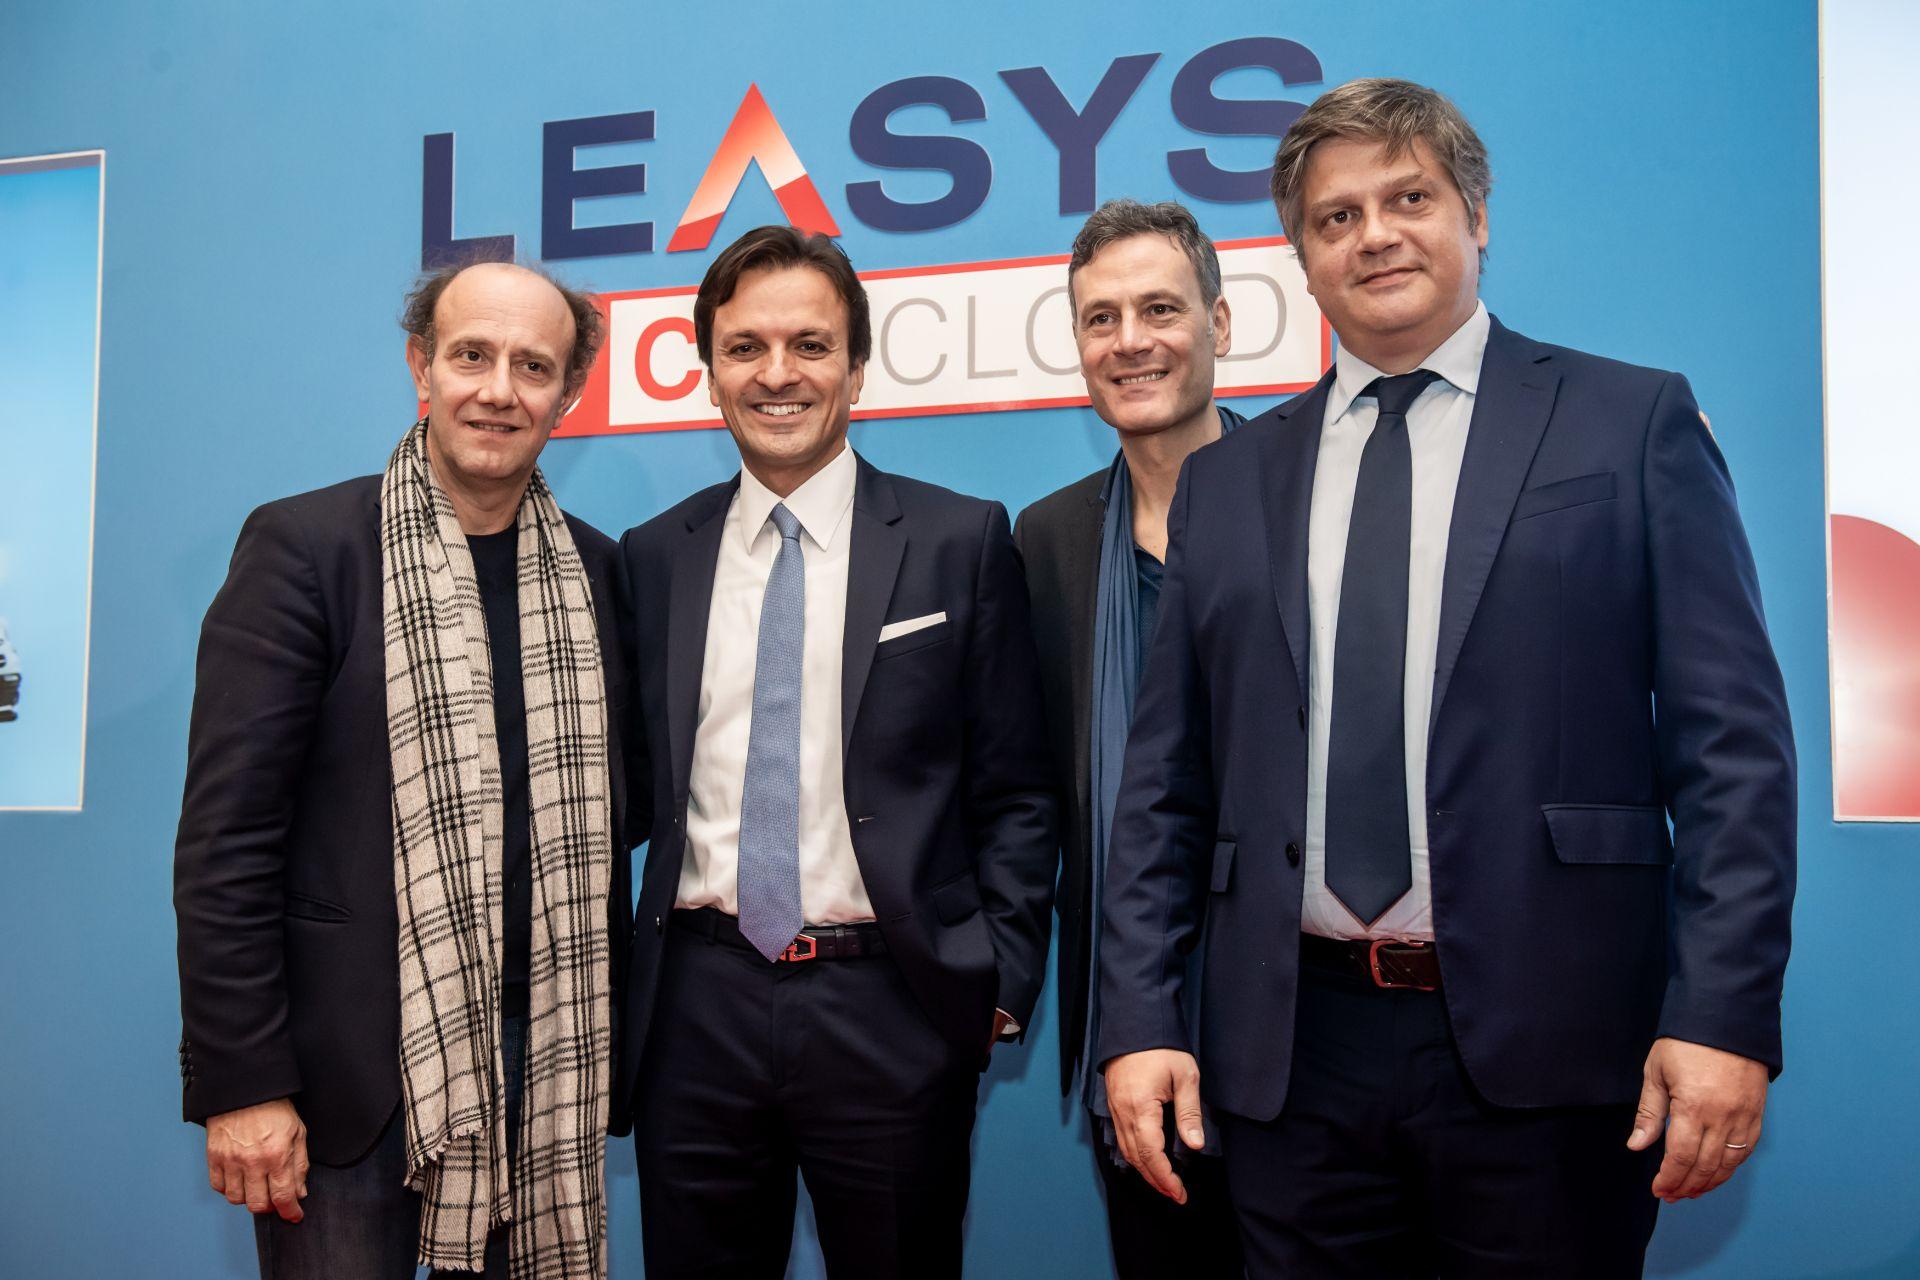 Leasys presenta CarCloud: la mobilità in abbonamento